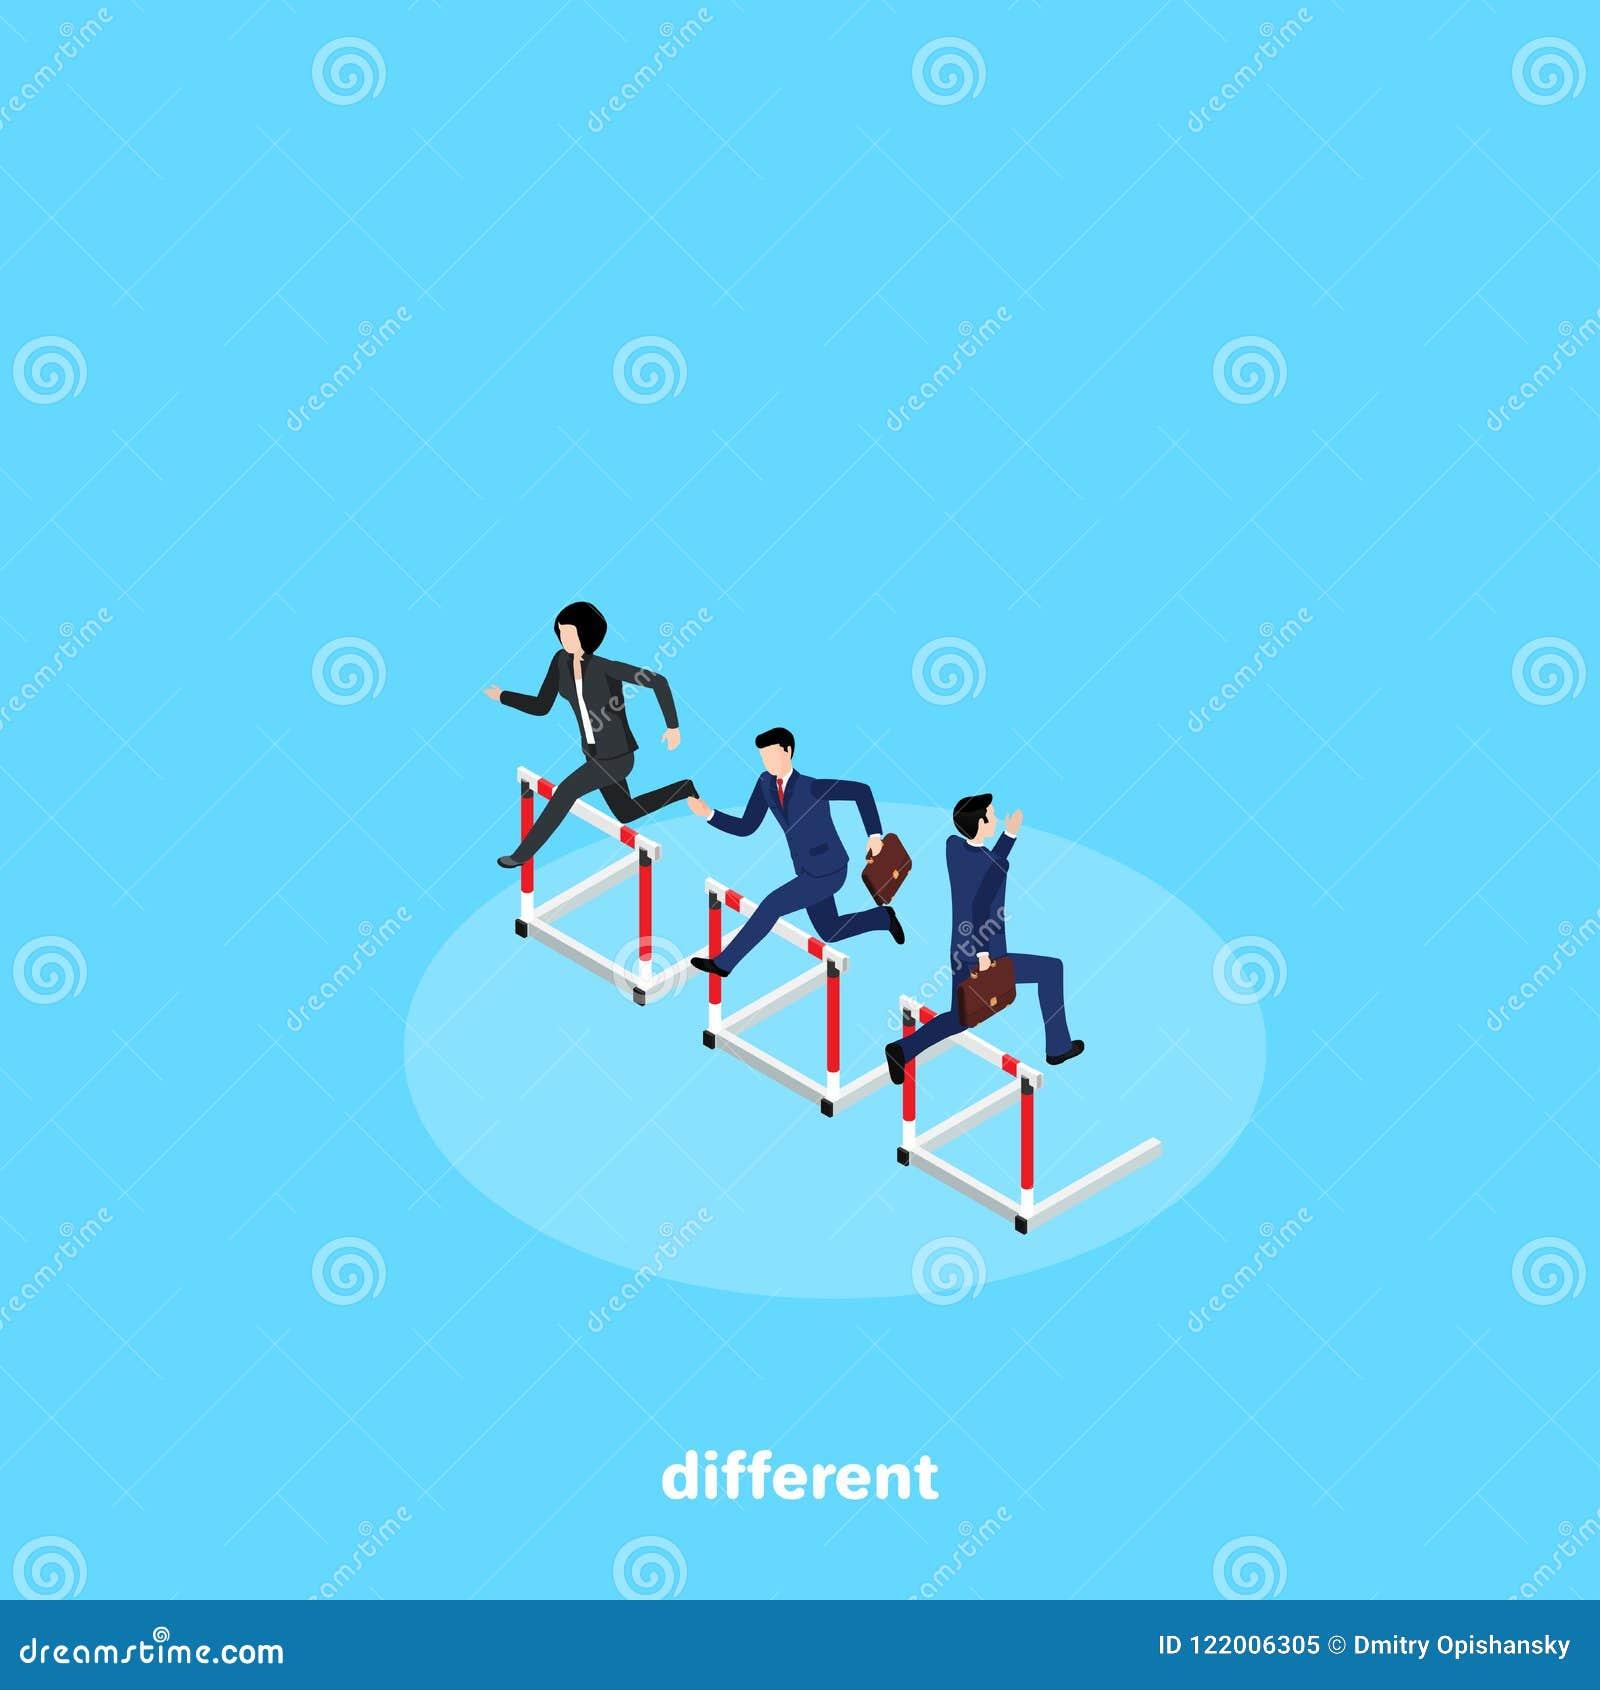 Ludzie w garniturach współzawodniczą w bieg z przeszkodami ale biegają w różnych kierunkach